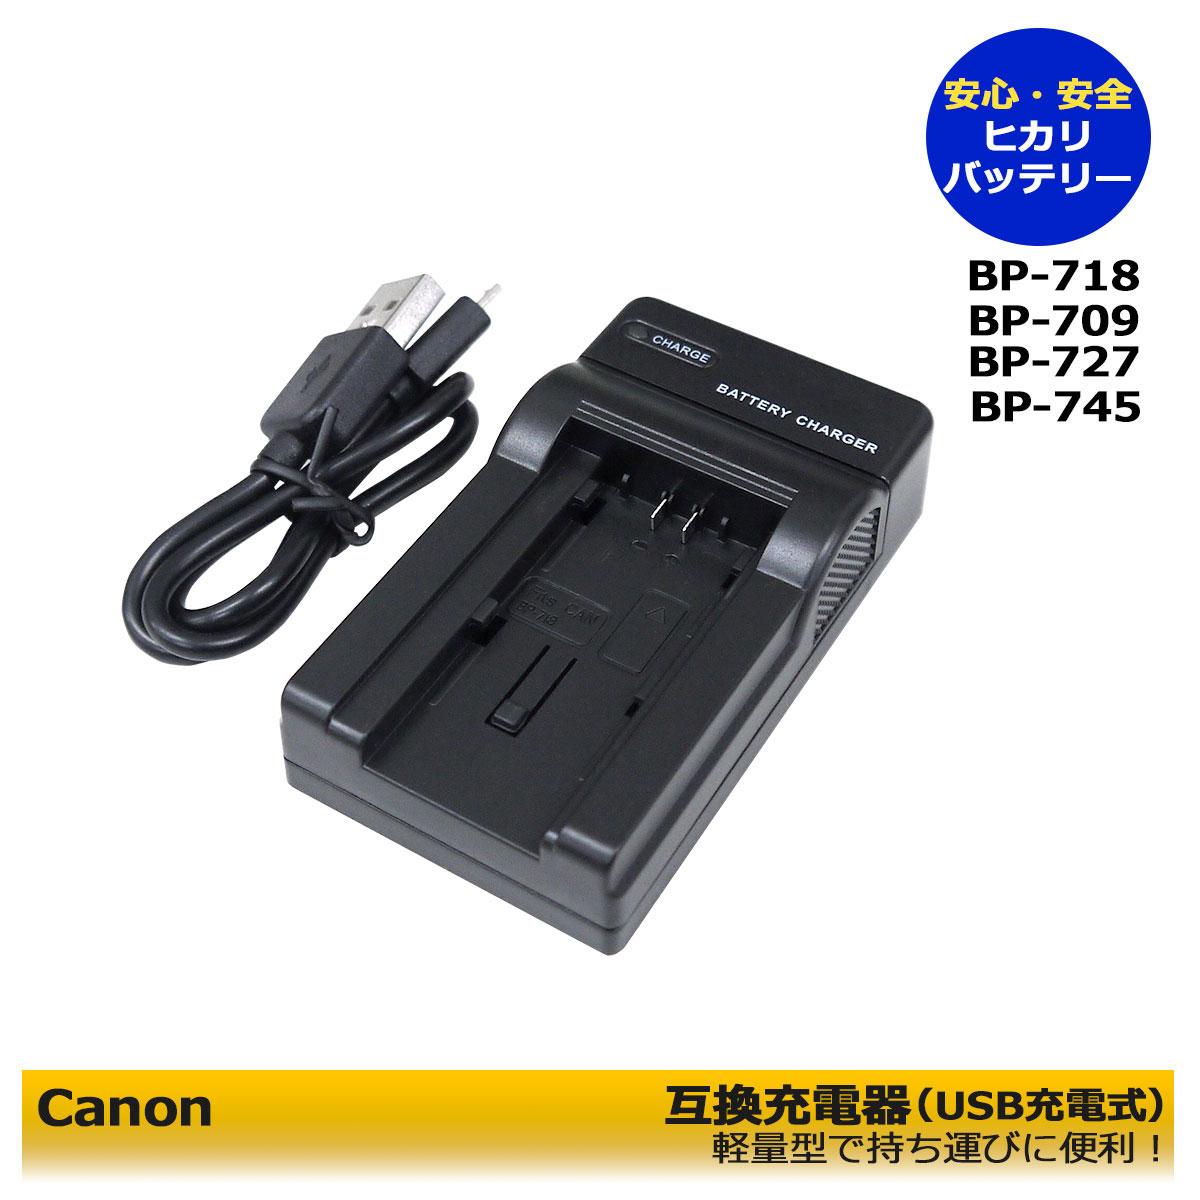 互換充電器 6ヶ月保証 純正バッテリーも充電可能 BP-709 BP-727 キャノン あす楽対応 互換USBチャージャー CG-700 1点 R82 R72 R42 最安値 WEB限定 R62 R700 R800 R52 カメラ用アクセサリーiVIS HF iVIS